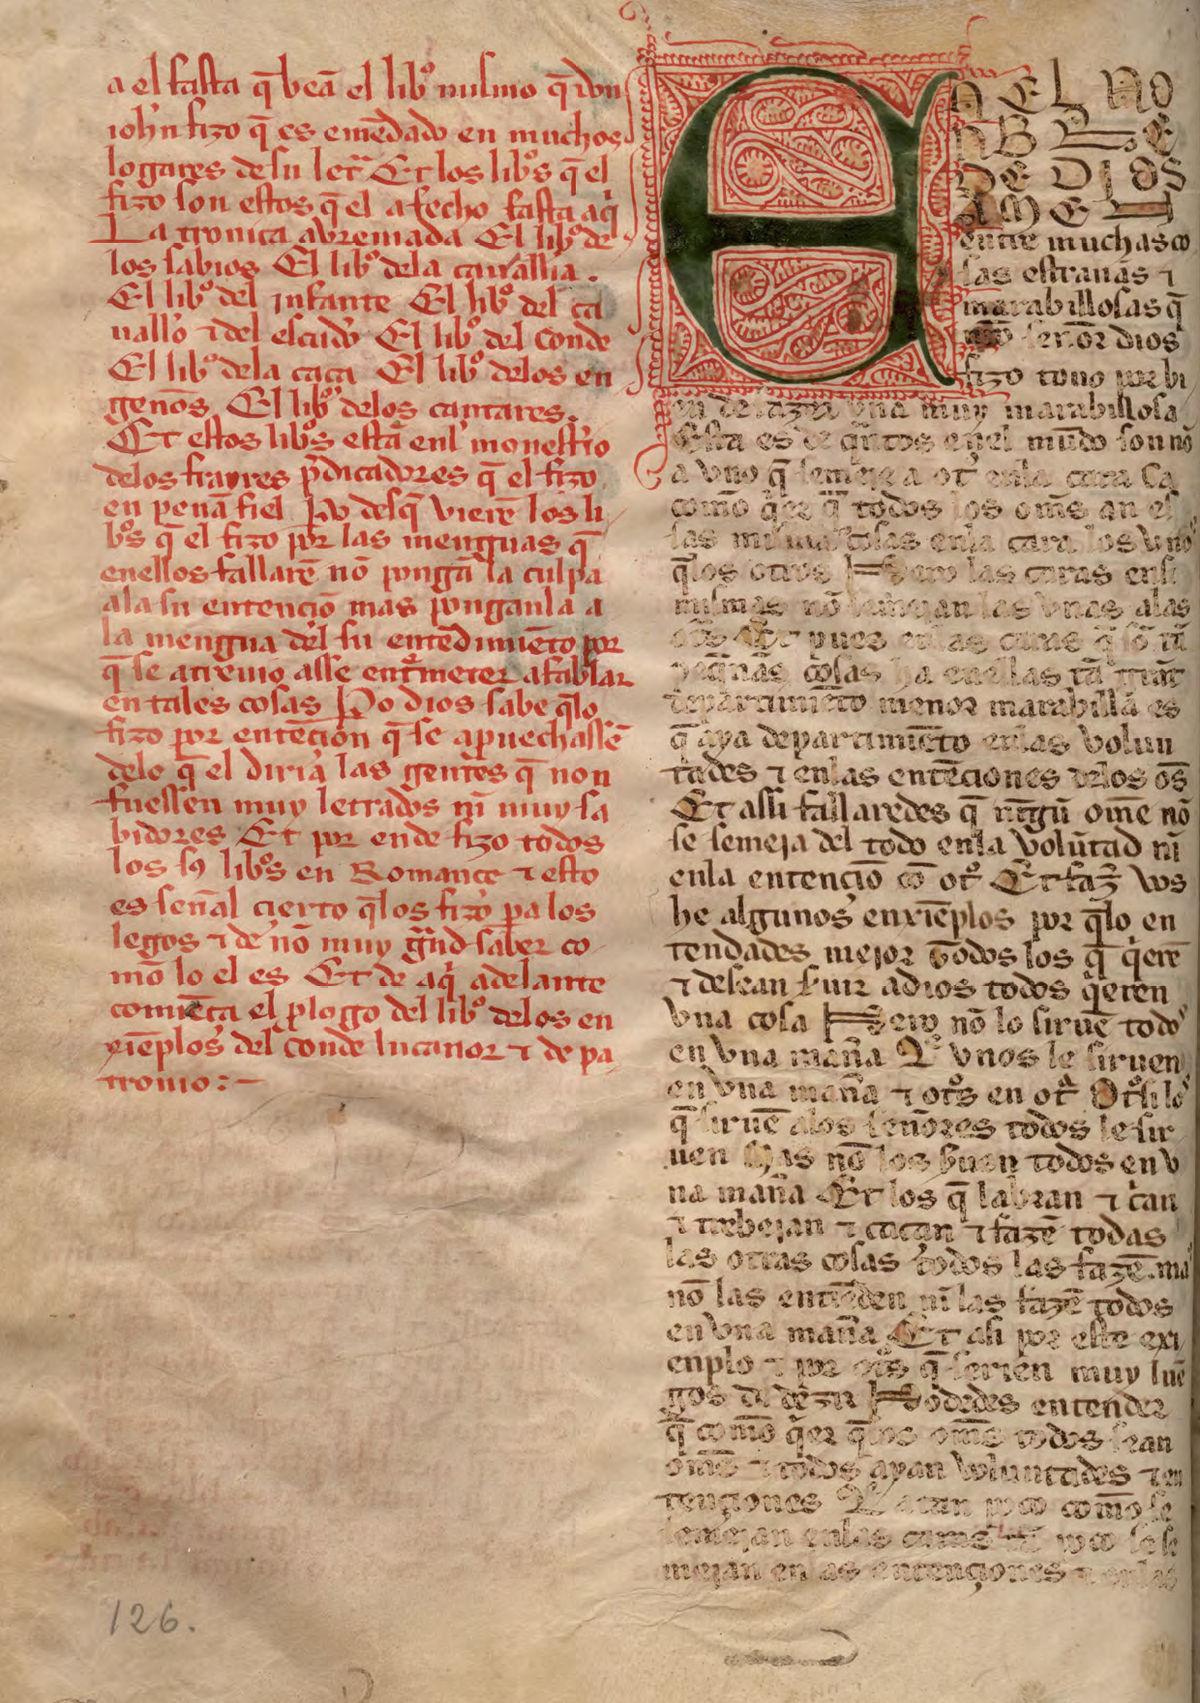 El conde Lucanor - Wikipedia, la enciclopedia libre